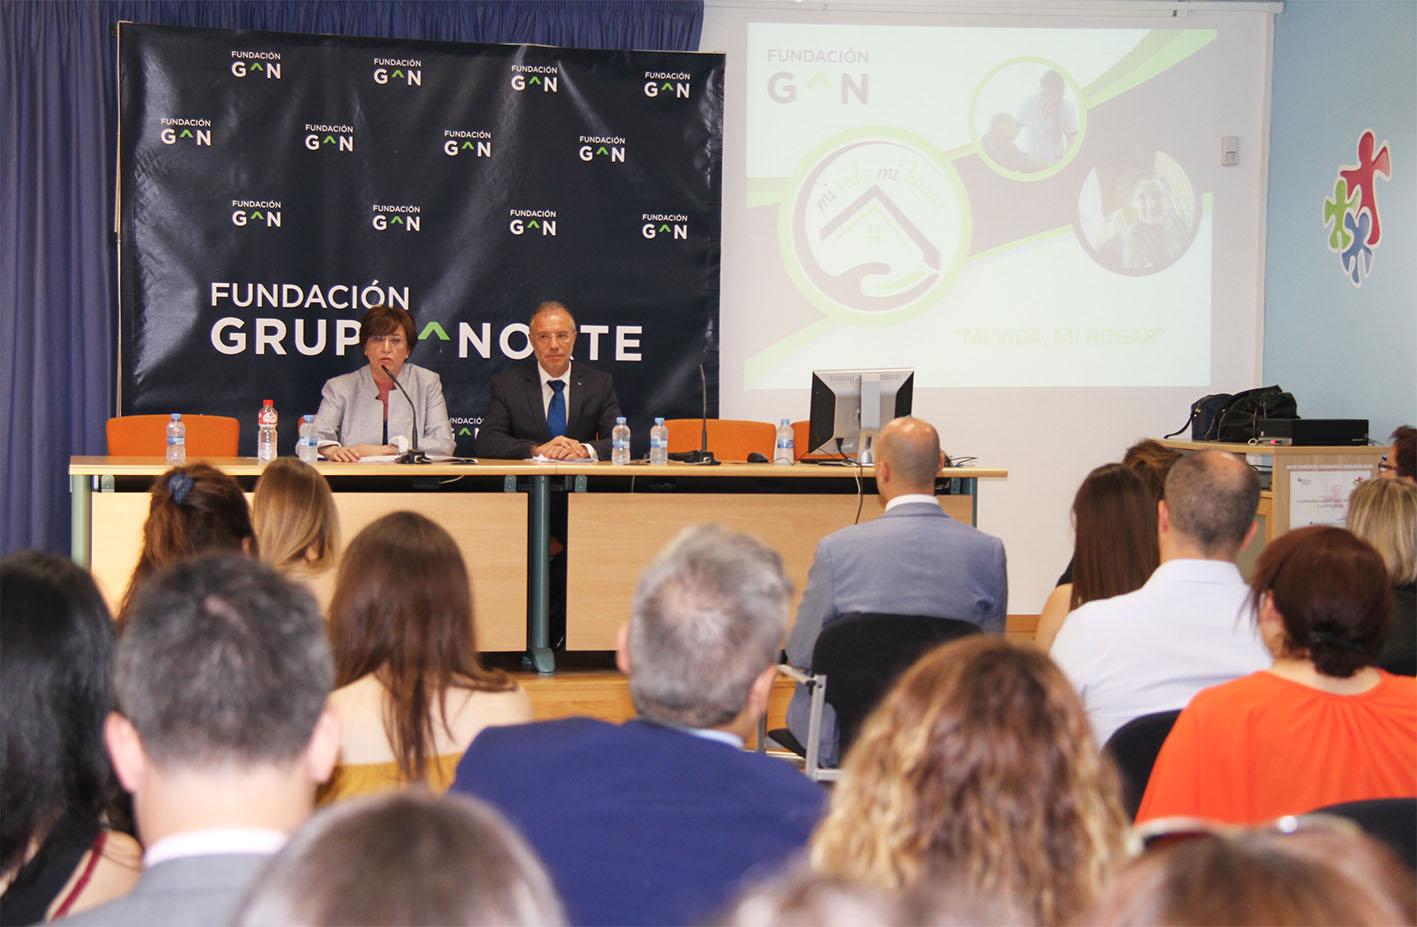 Almudena Fontecha, presidenta de Fundación Grupo Norte, y Pablo Rodríguez, director general de Familia y Políticas Sociales de la Junta de Castilla y León.